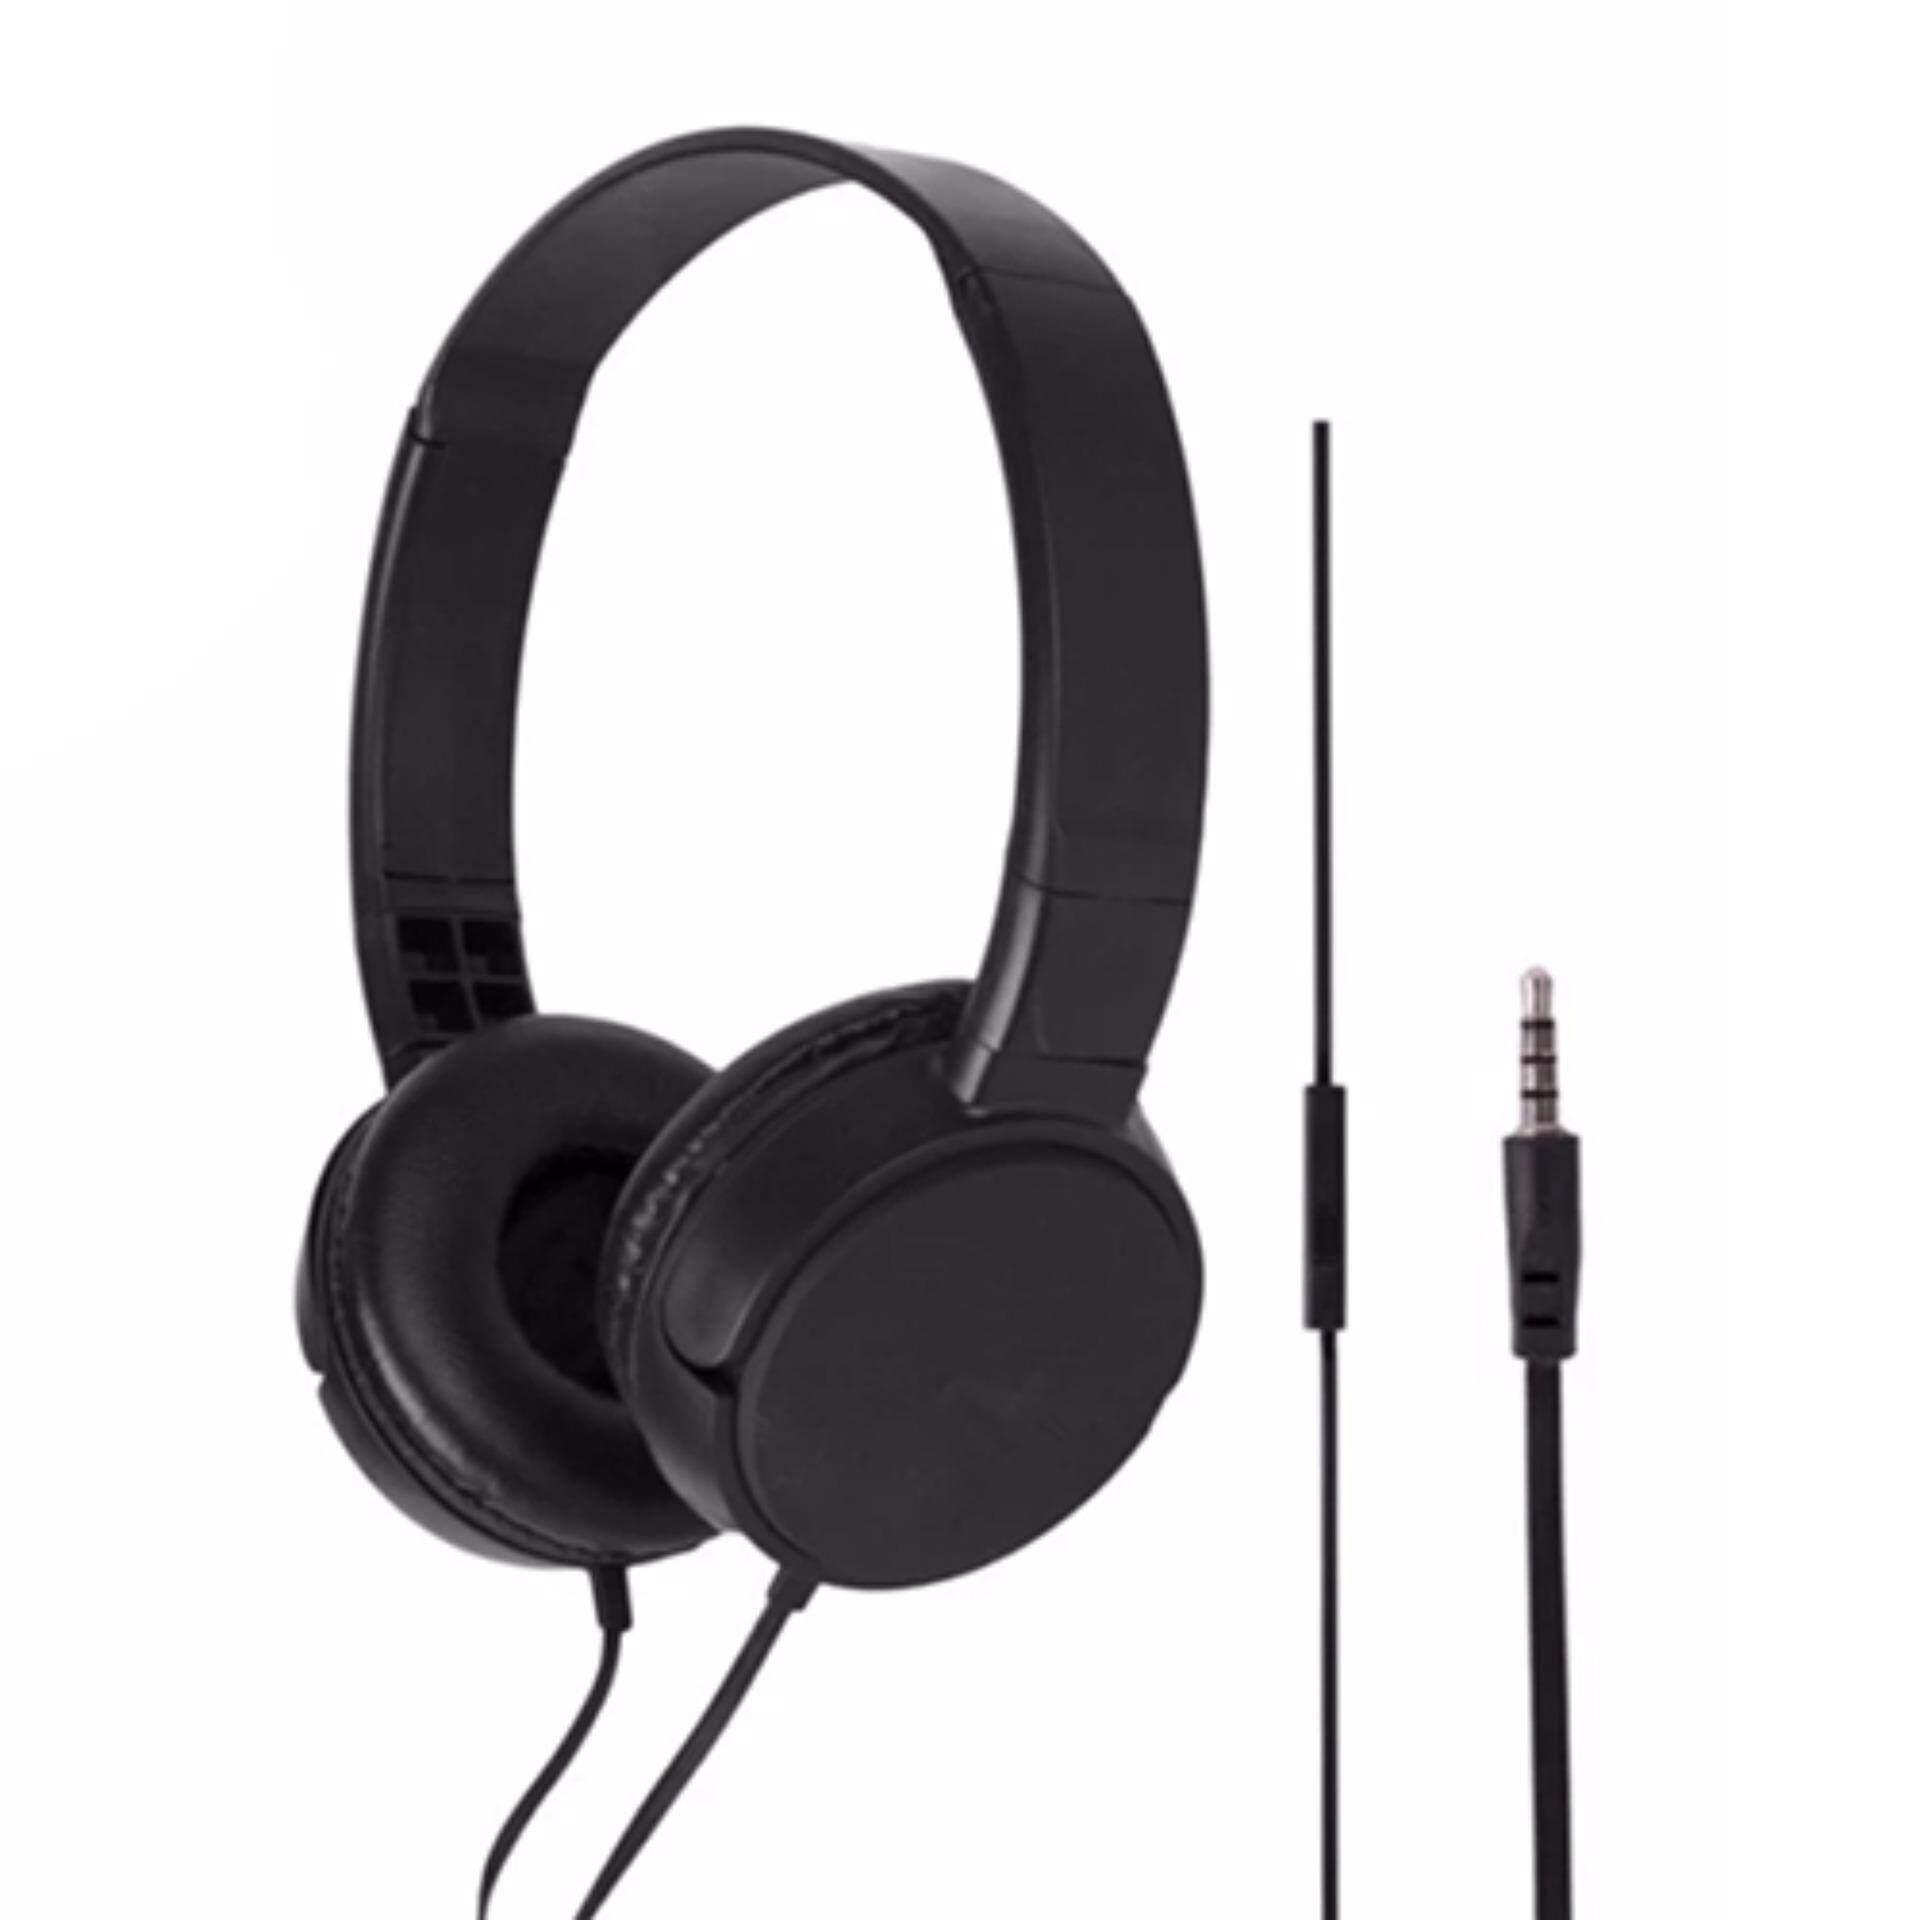 หาข้อมูลเกี่ยวกับ  DT Headphone EXTRA BASS  รุ่น J-08 หูฟังเเบบครอบหู ไฮไฟพร้อมไมโครโฟน ดีที่สุด 2019